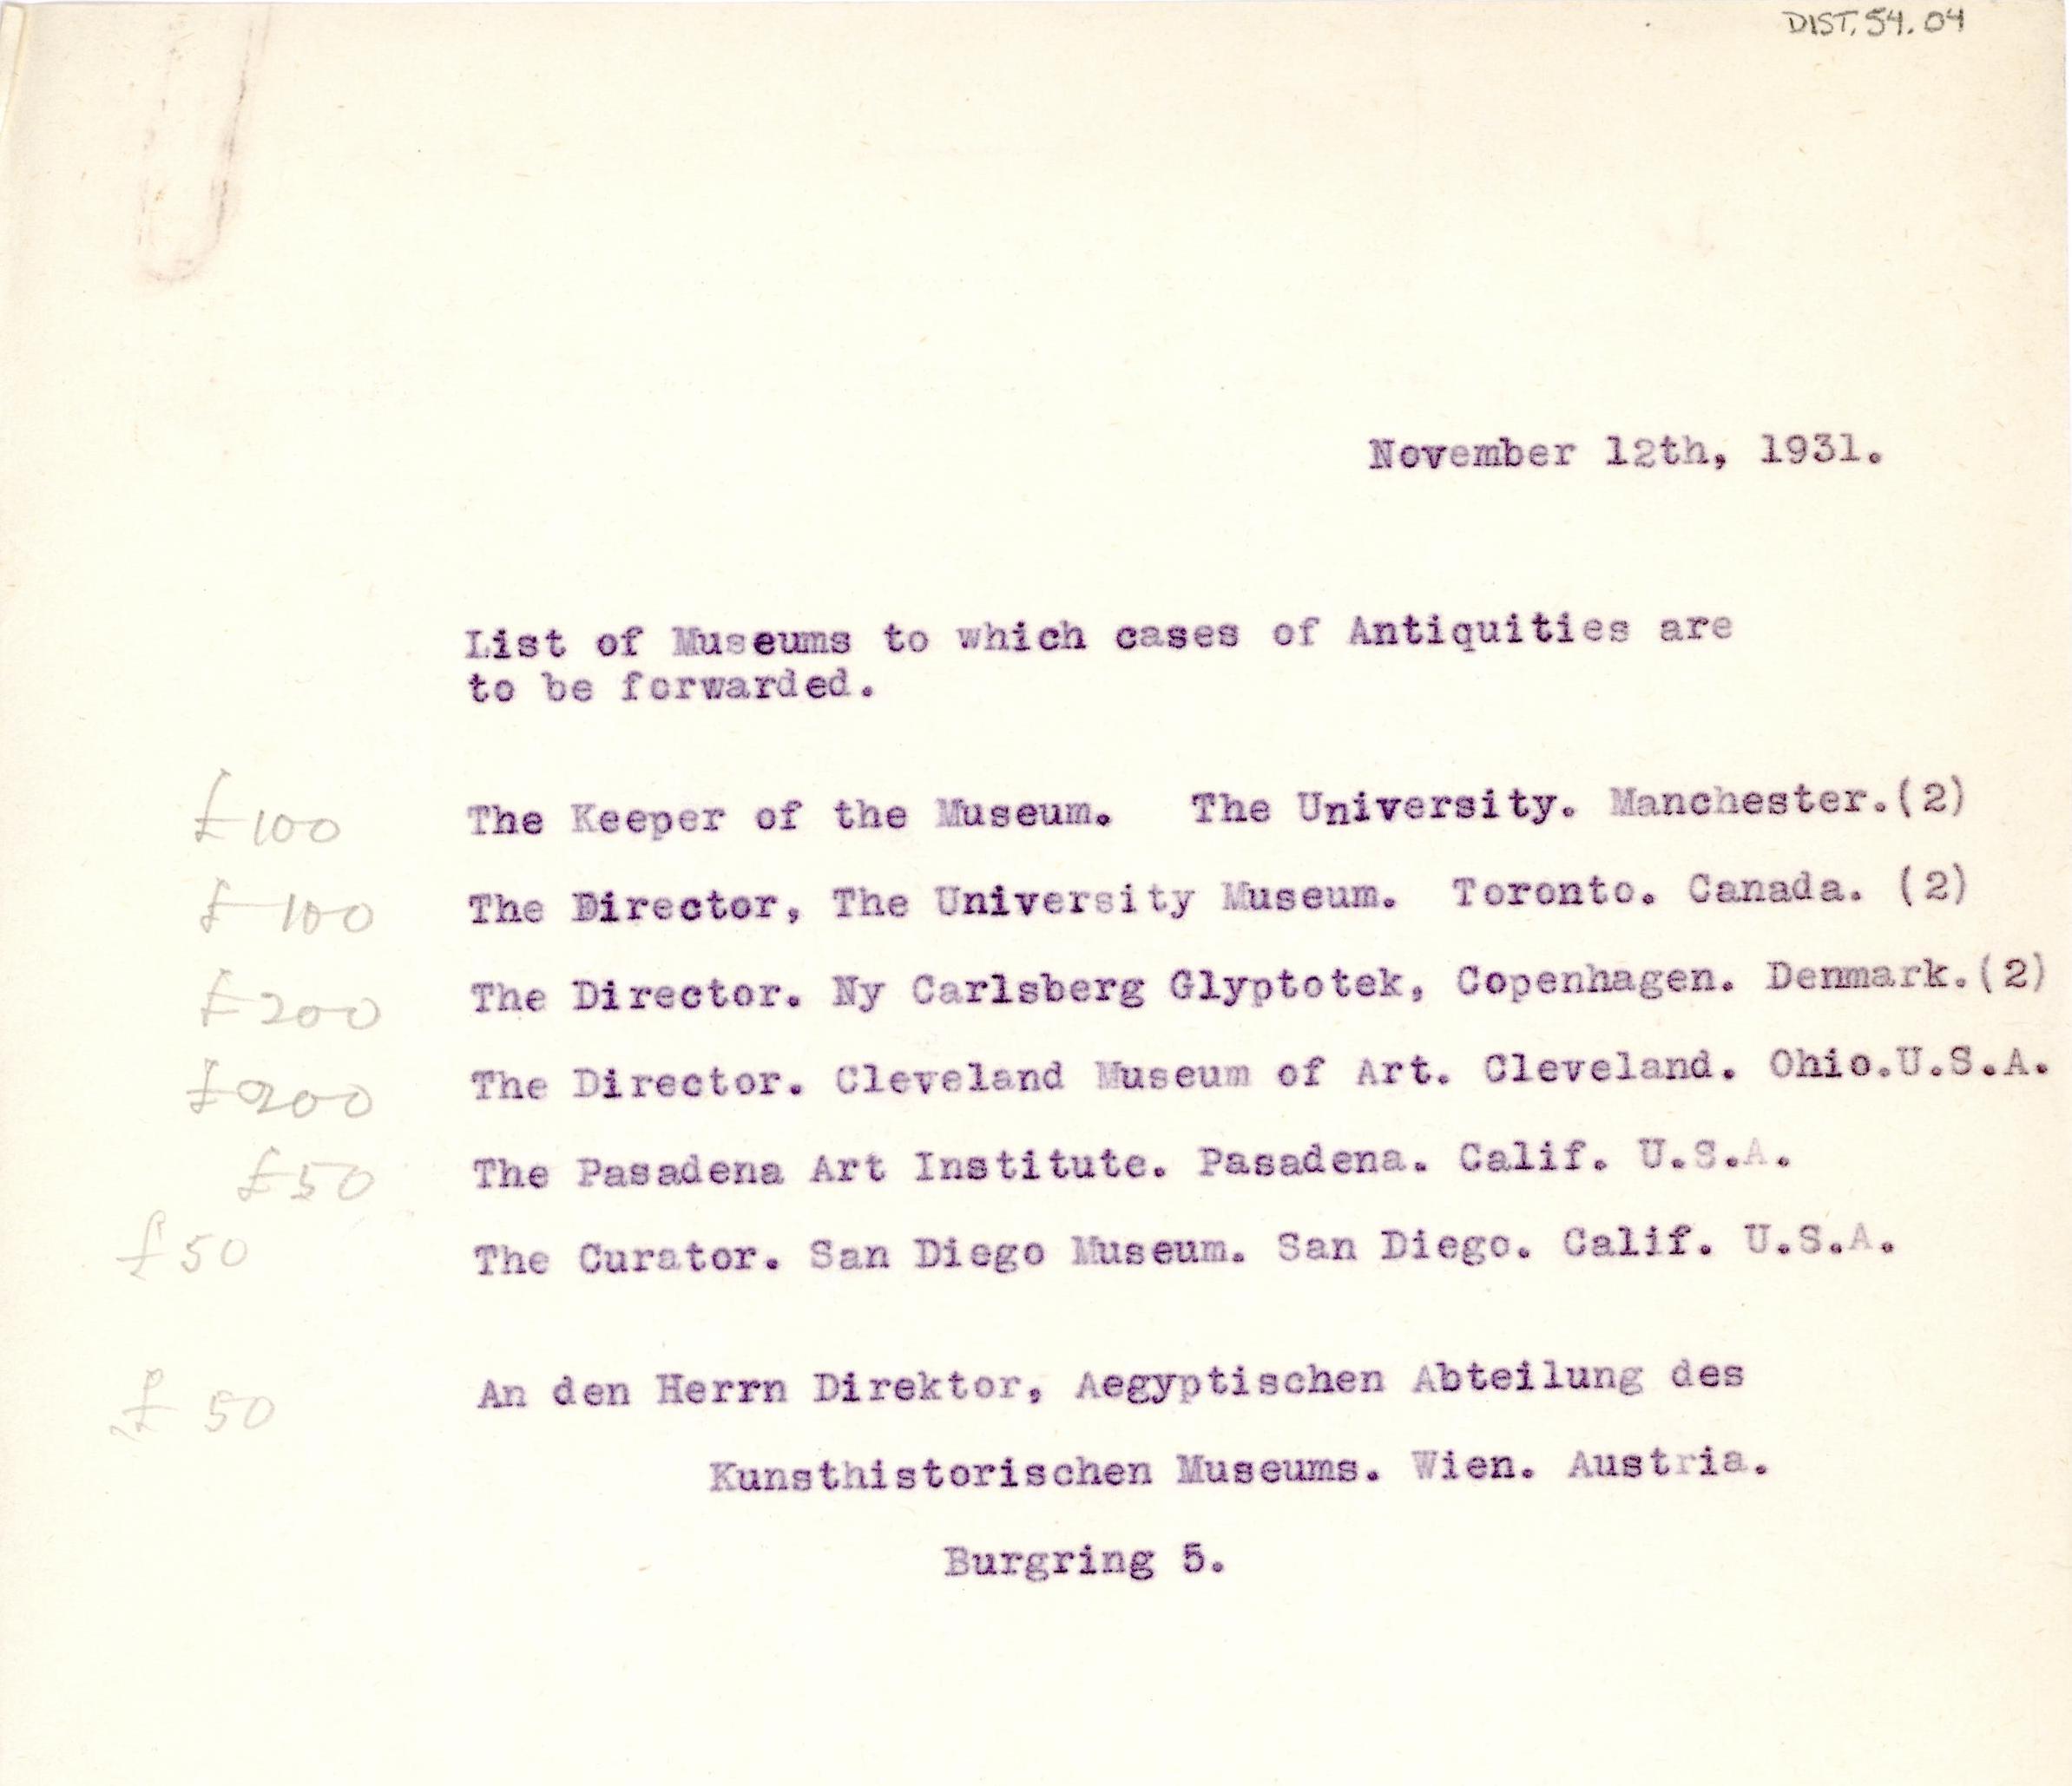 1931-32 el-Amarna and Armant DIST.54.04